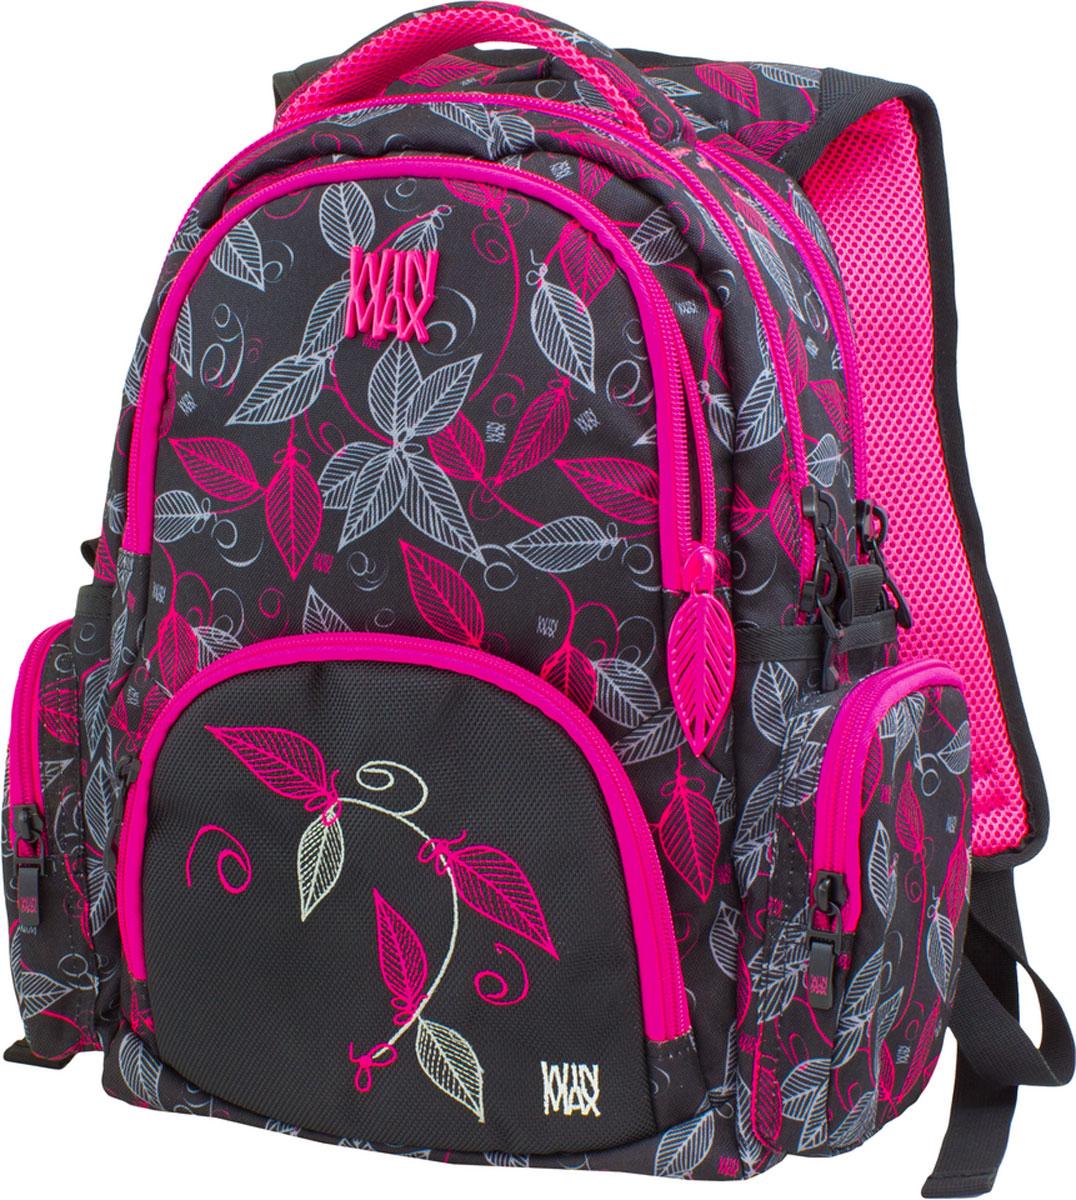 WinMax Школьный ранец K-380, цвет: черный, розовыйK-380_чер/розРюкзак, украшенный шелковой вышивкой и бегунком в виде изящного листика неоновых цветов, - это исключительная и неповторимая деталь, которая моментально обращает на себя внимание. Качественный, легкий и прочный материал делает рюкзак практичным и долговечным в носке. Если вы ищите, что-то совершенно необычное по стилю, оригинальное и качественное, советуем обратить внимание на него.Отделения: В рюкзаке три отделения, 1) В первом (у спинки) отделение, расположен отсек для ноутбука диагональю 13,3 – 14, для наилучшей сохранности вашего ПК, данное отделения на подкладке из мягкого материала + карман-сетка для хранения аксессуаров от ПК. 2) Во втором (основном) по обеим сторонам карман-сетка. 3) В третьем отделение под канцелярию (органайзер).Карманы: Боковые: два нижних кармана на молнии + отделение у основания кармана. Передний нижний без наполнения.В комплекте: • Бирка с индивидуальным штрих кодом и описанием. Имеет ряд качественных и удобных деталей. • Качественные молнии фирмы ...